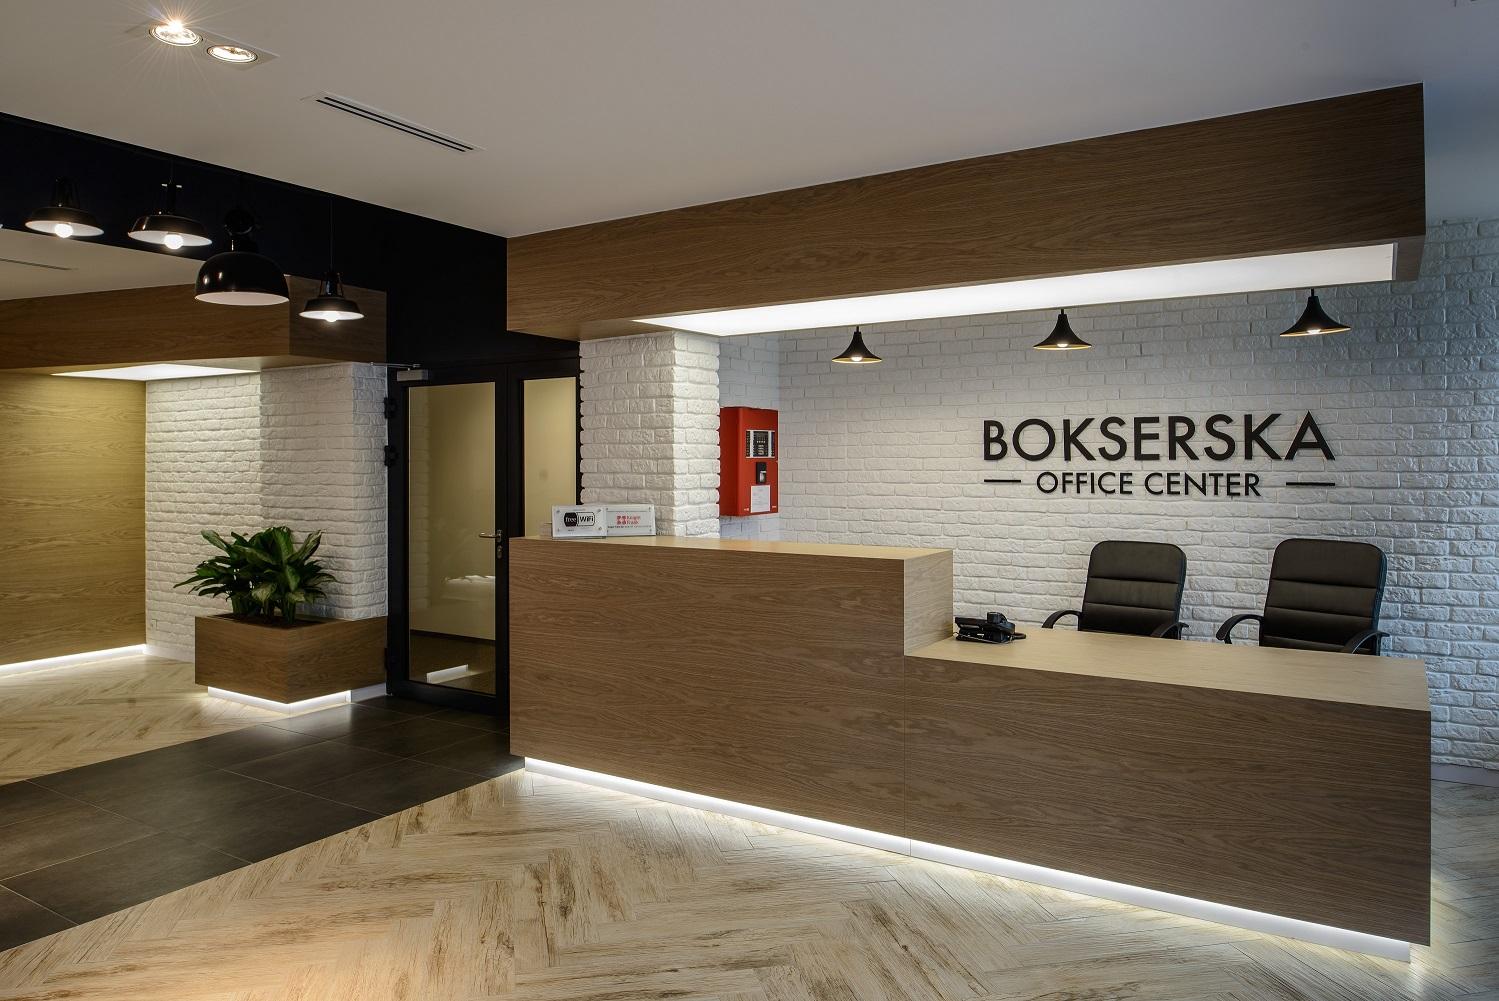 BOKSERSKA OFFICE CENTER | PODNAJEM - zdjęcie 2